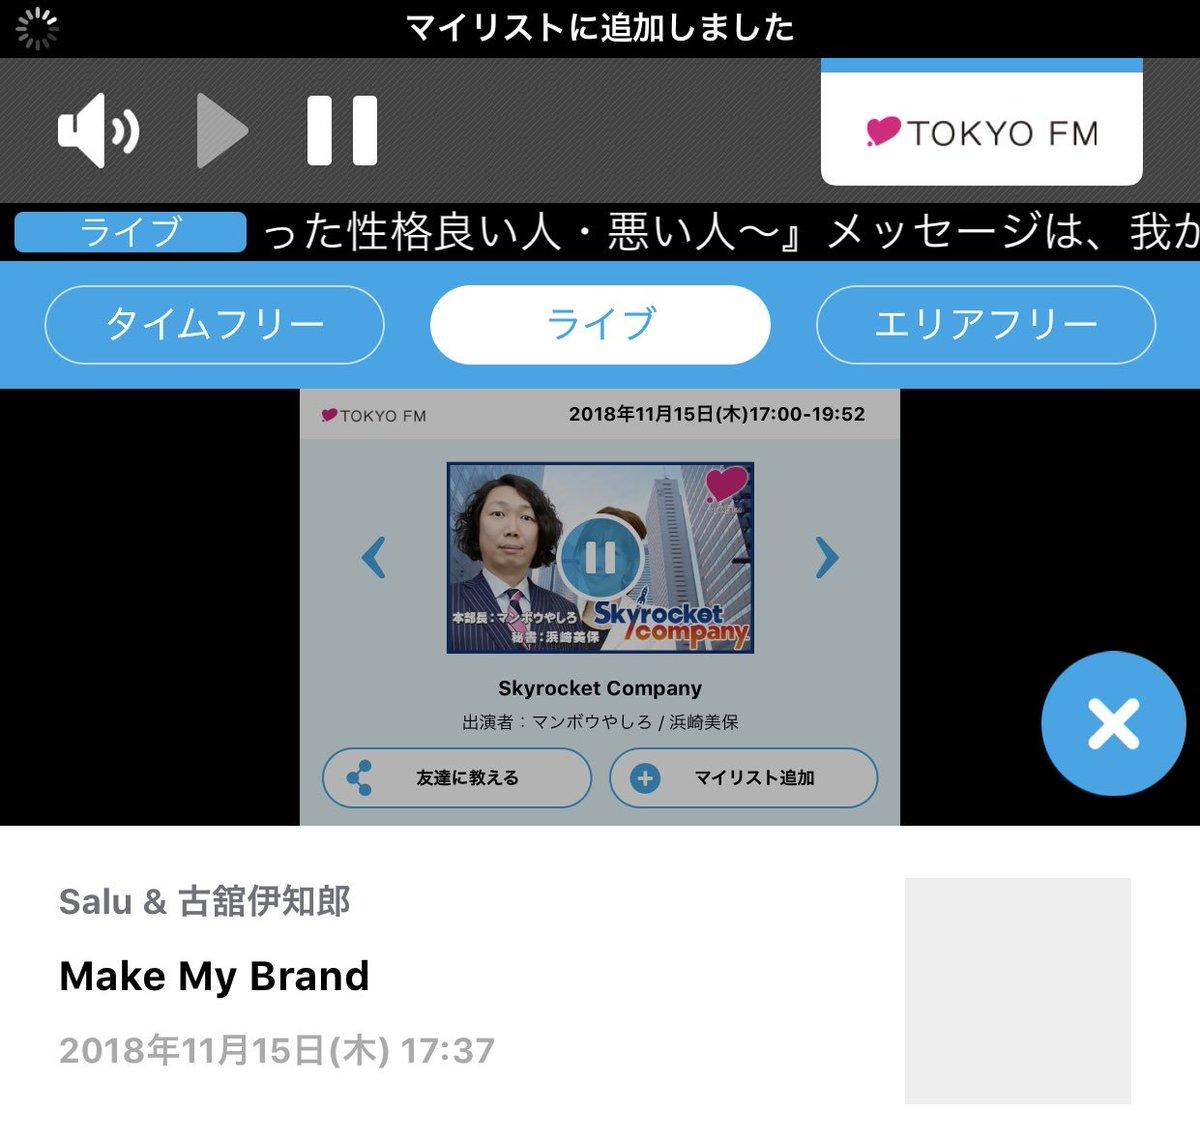 test ツイッターメディア - よいっっっ!!  Saluさんと なんと古舘伊知郎さんの曲!?!?  これは広めよう!!  #スカロケ https://t.co/pdHf3TQZfQ